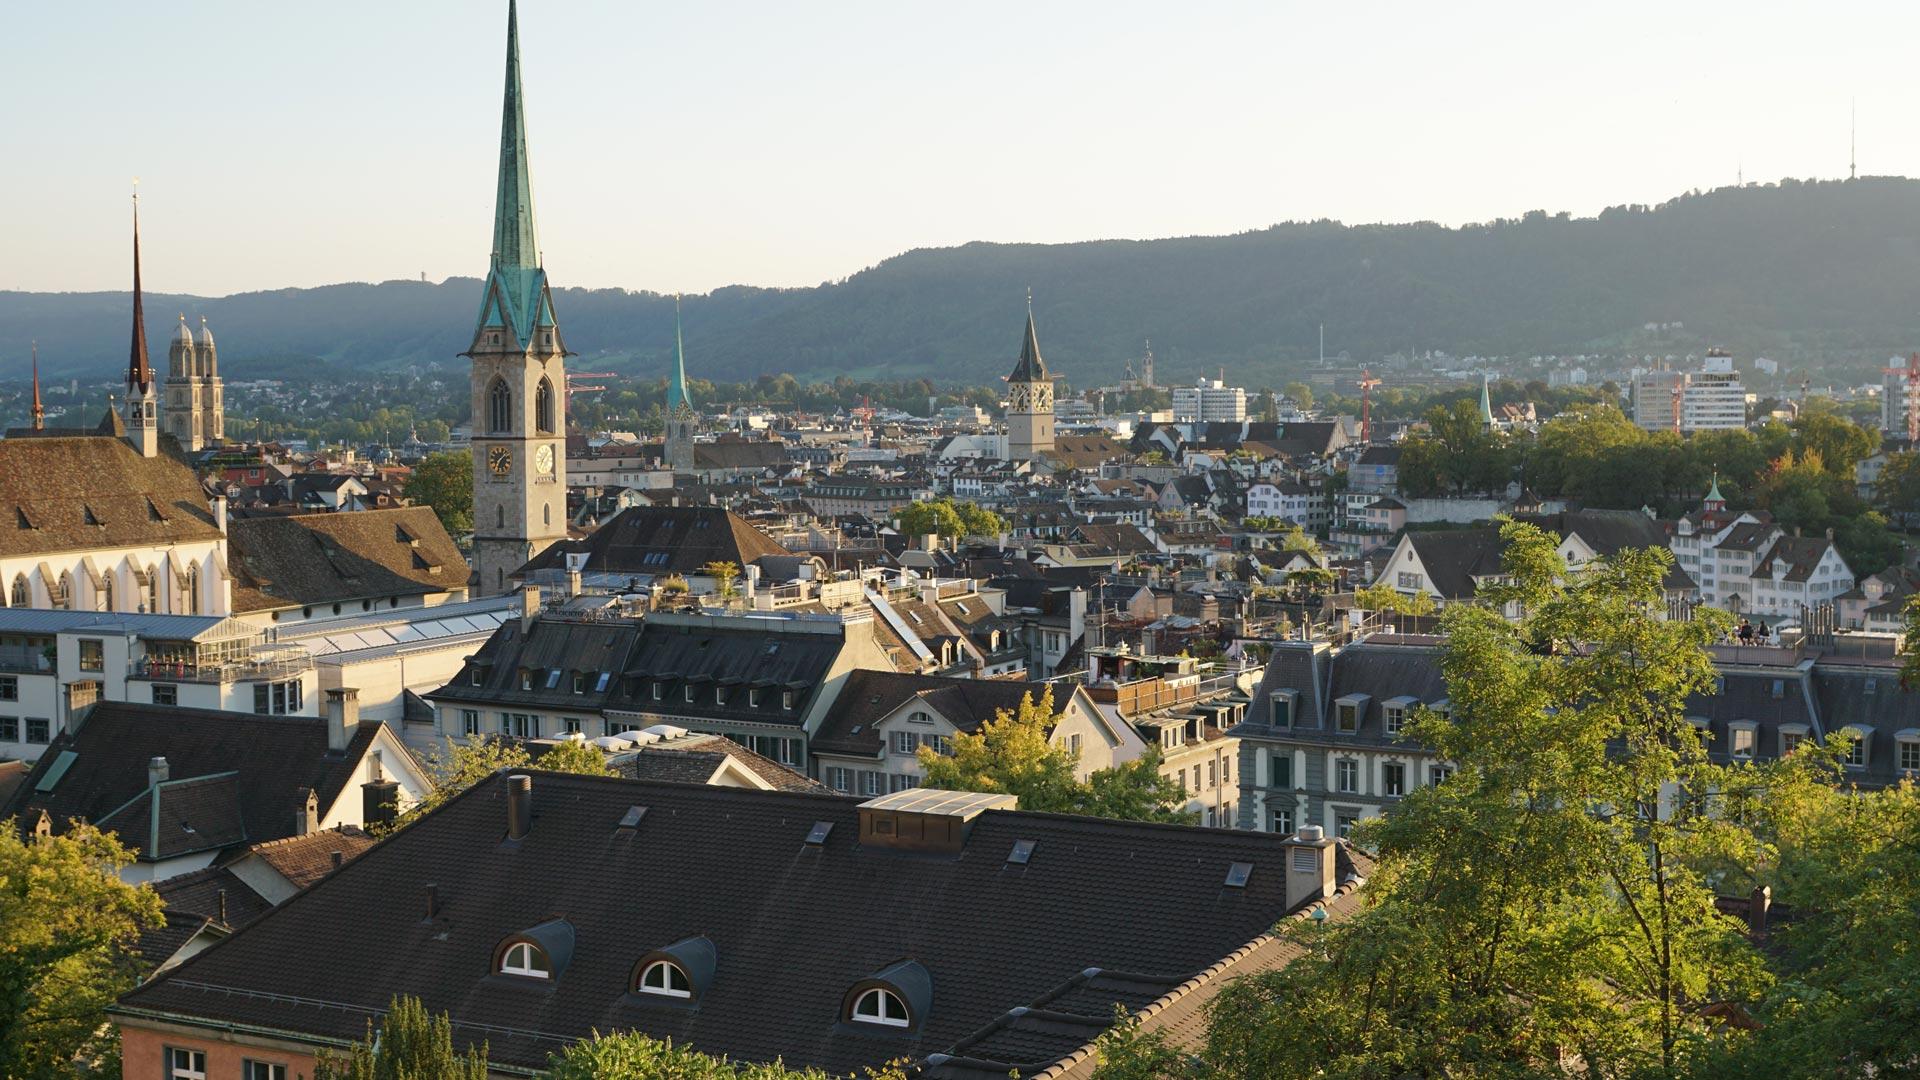 Zürich Sehenswürdigkeiten Top 10